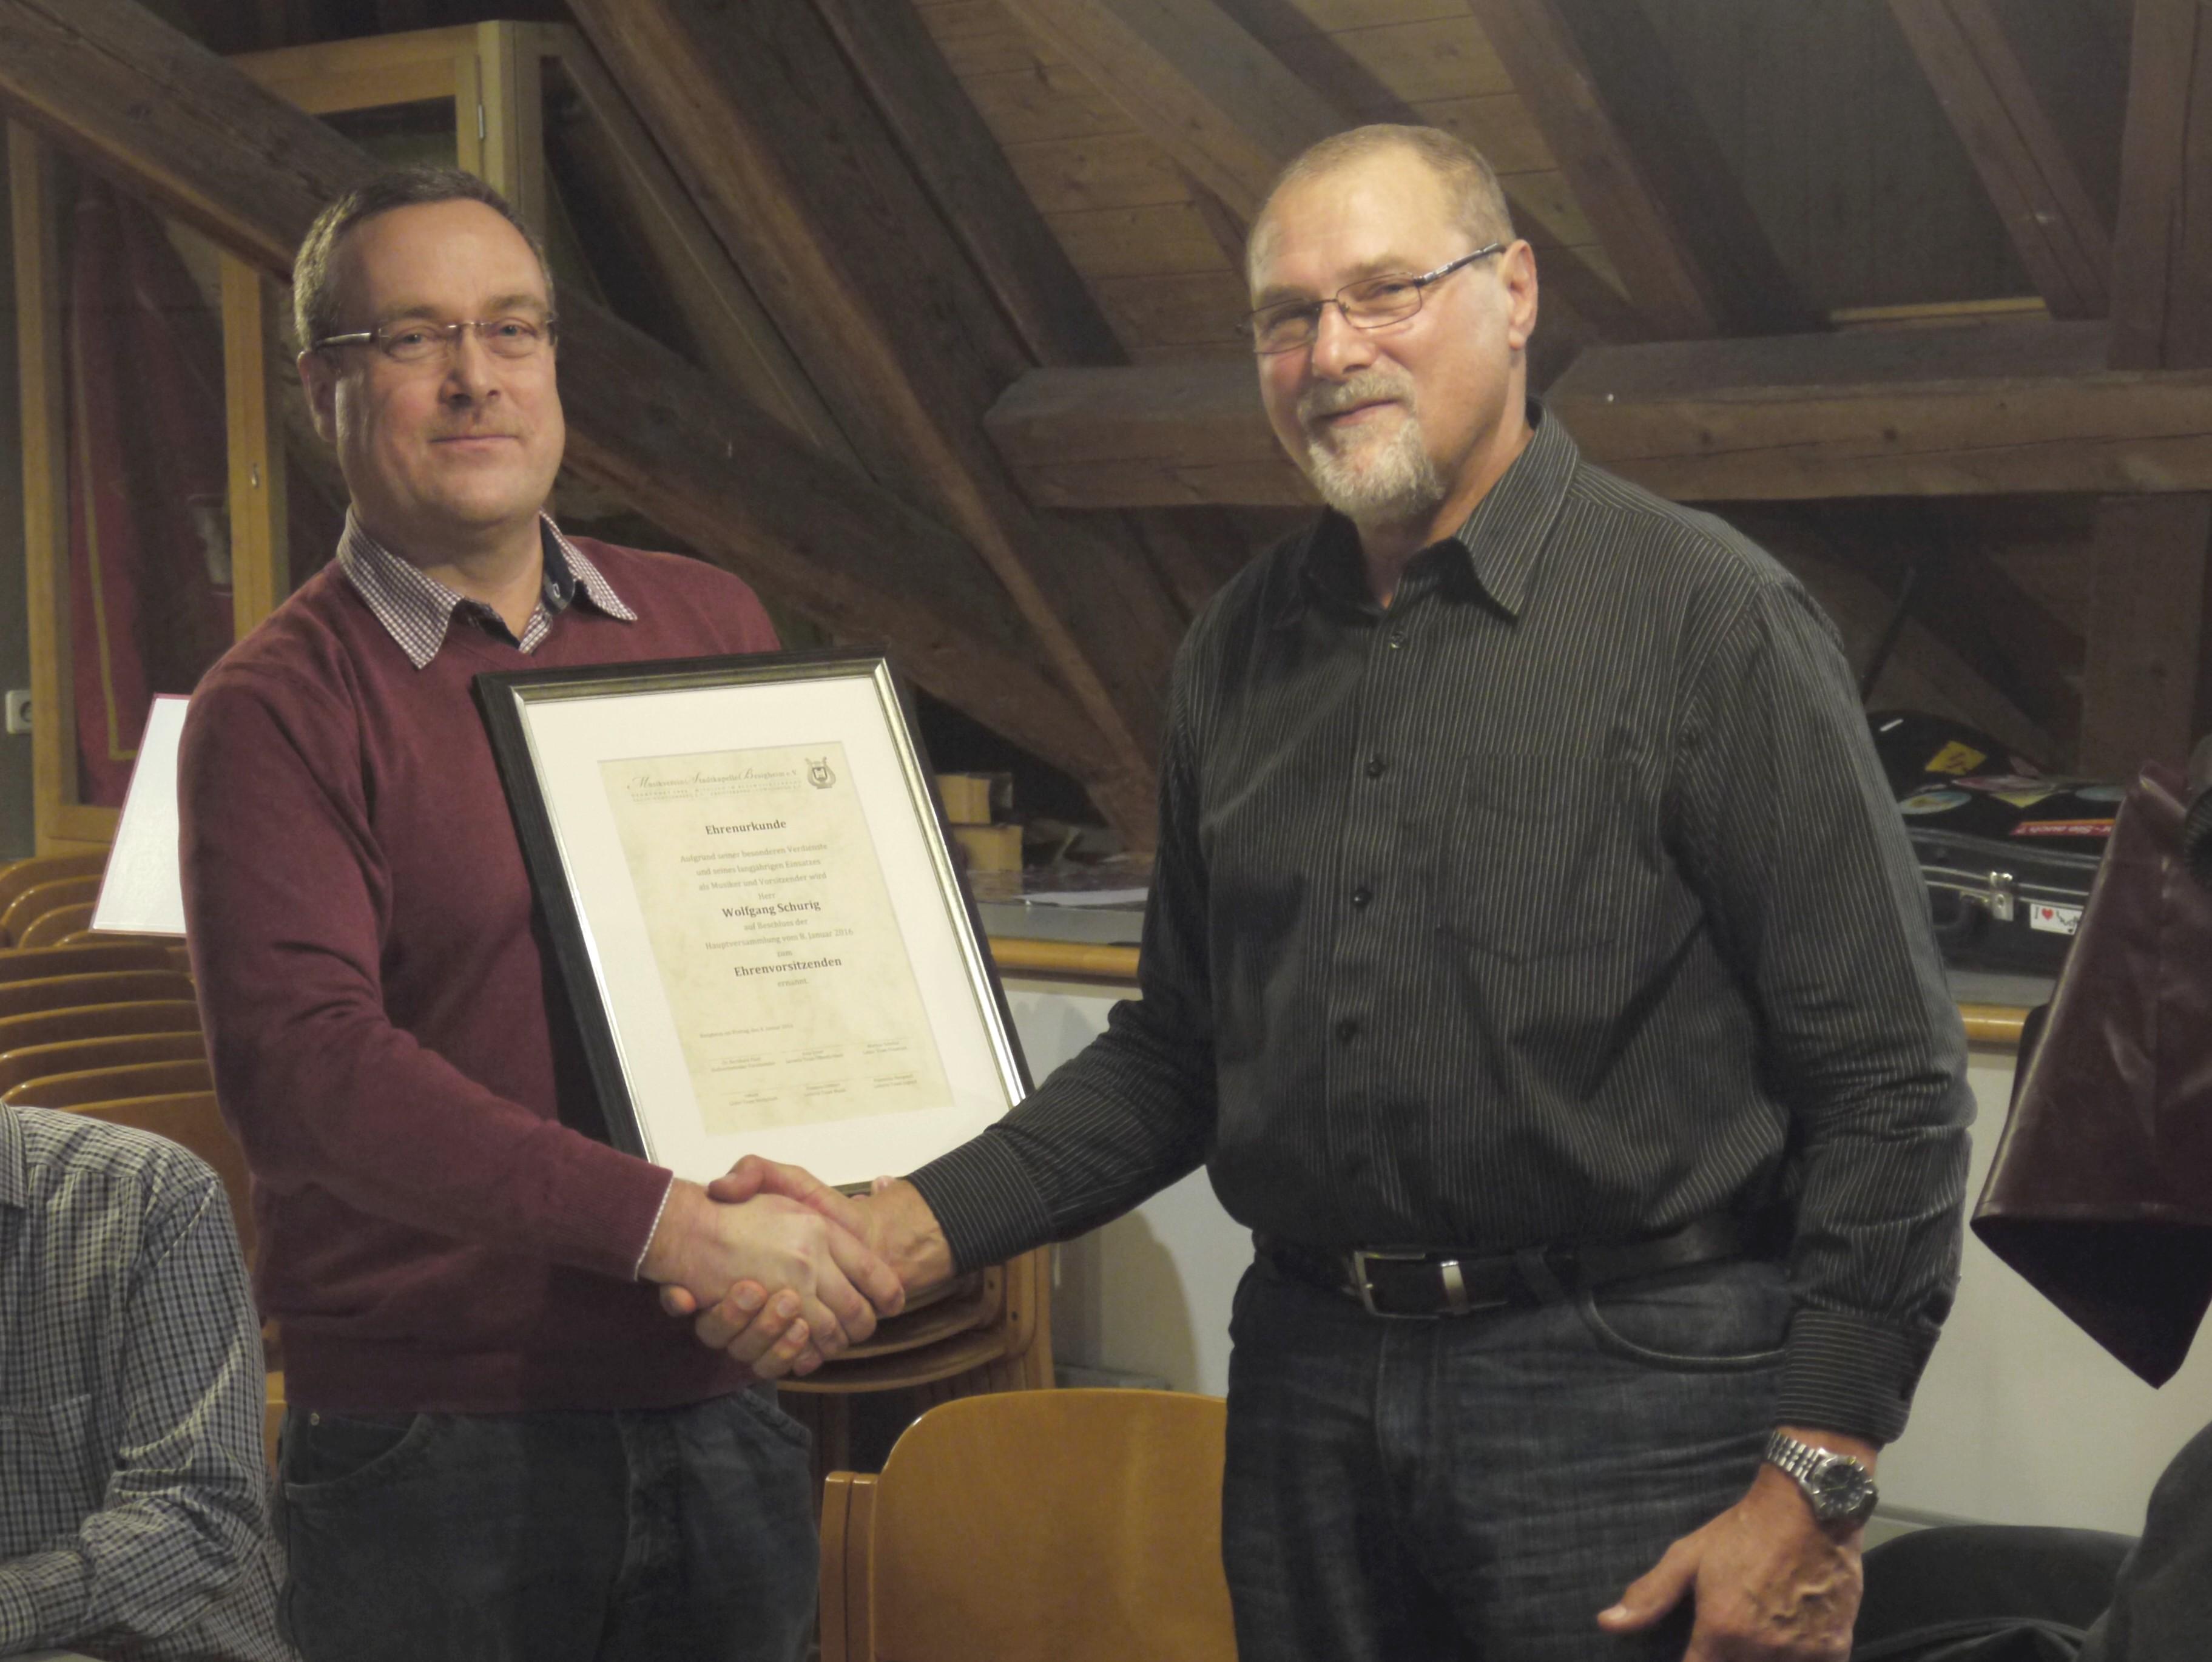 Übergabe Ehrenurkunde Dr. Bernhard Pauli und Wolfgang Schurig